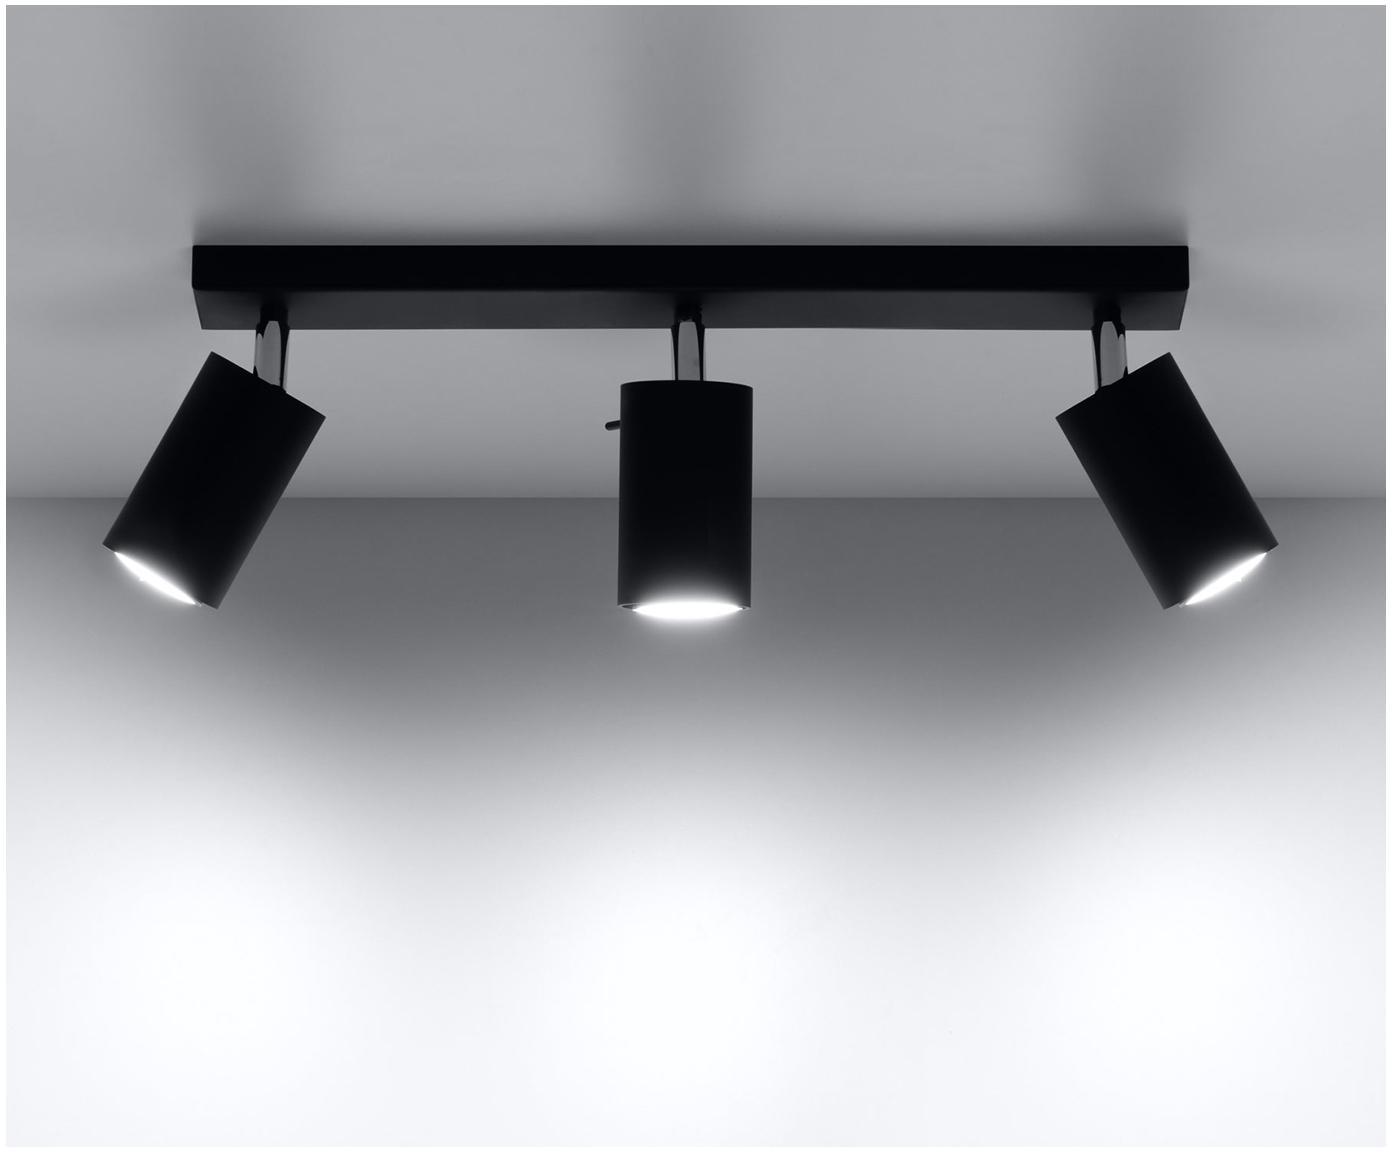 Faretti da soffitto neri Etna, Acciaio verniciato, Nero, Larg. 45 x Alt. 15 cm